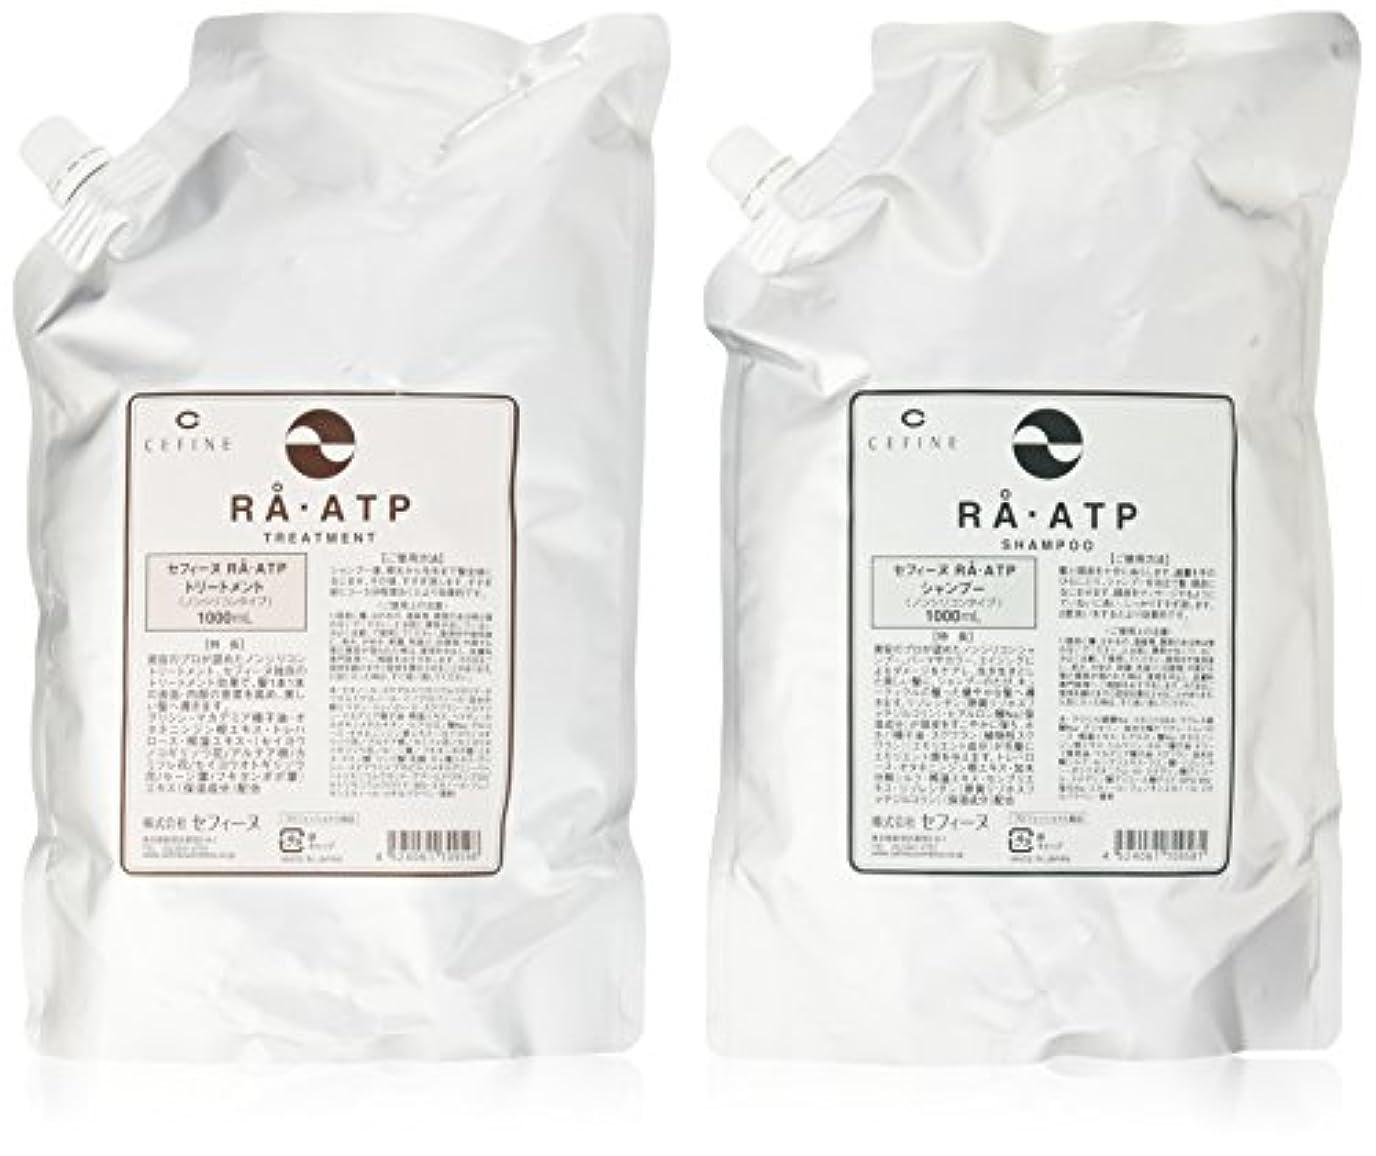 ハードサージお酒セフィーヌ RA ATP シャンプー & トリートメント 1000ml 詰替え用セット